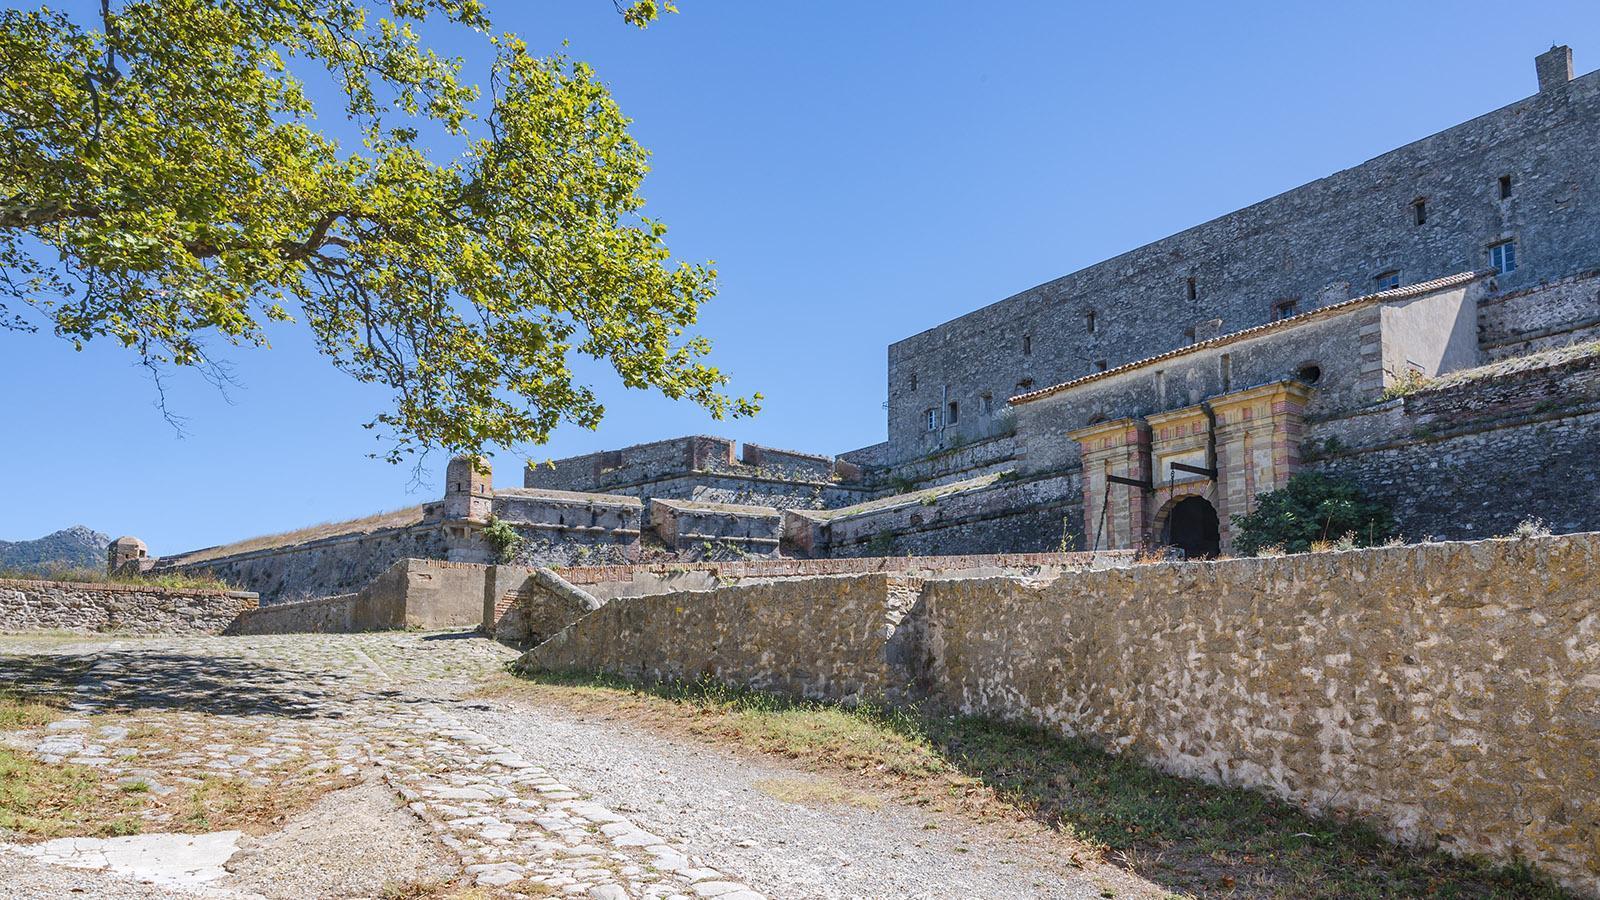 Der Eingang zum <em>Fort de Bellegarde</em>. Ihr könnt es besichtigen! Foto: Hilke Maunder